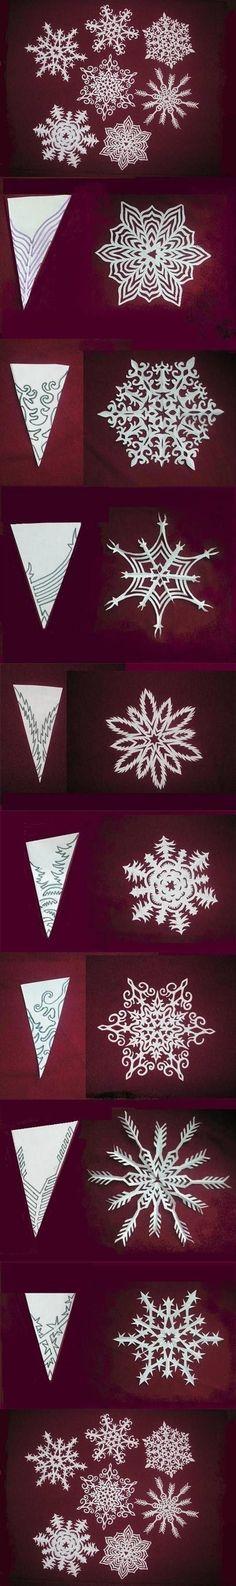 Pomysł na papierowe gwiazdki - zrób to sam